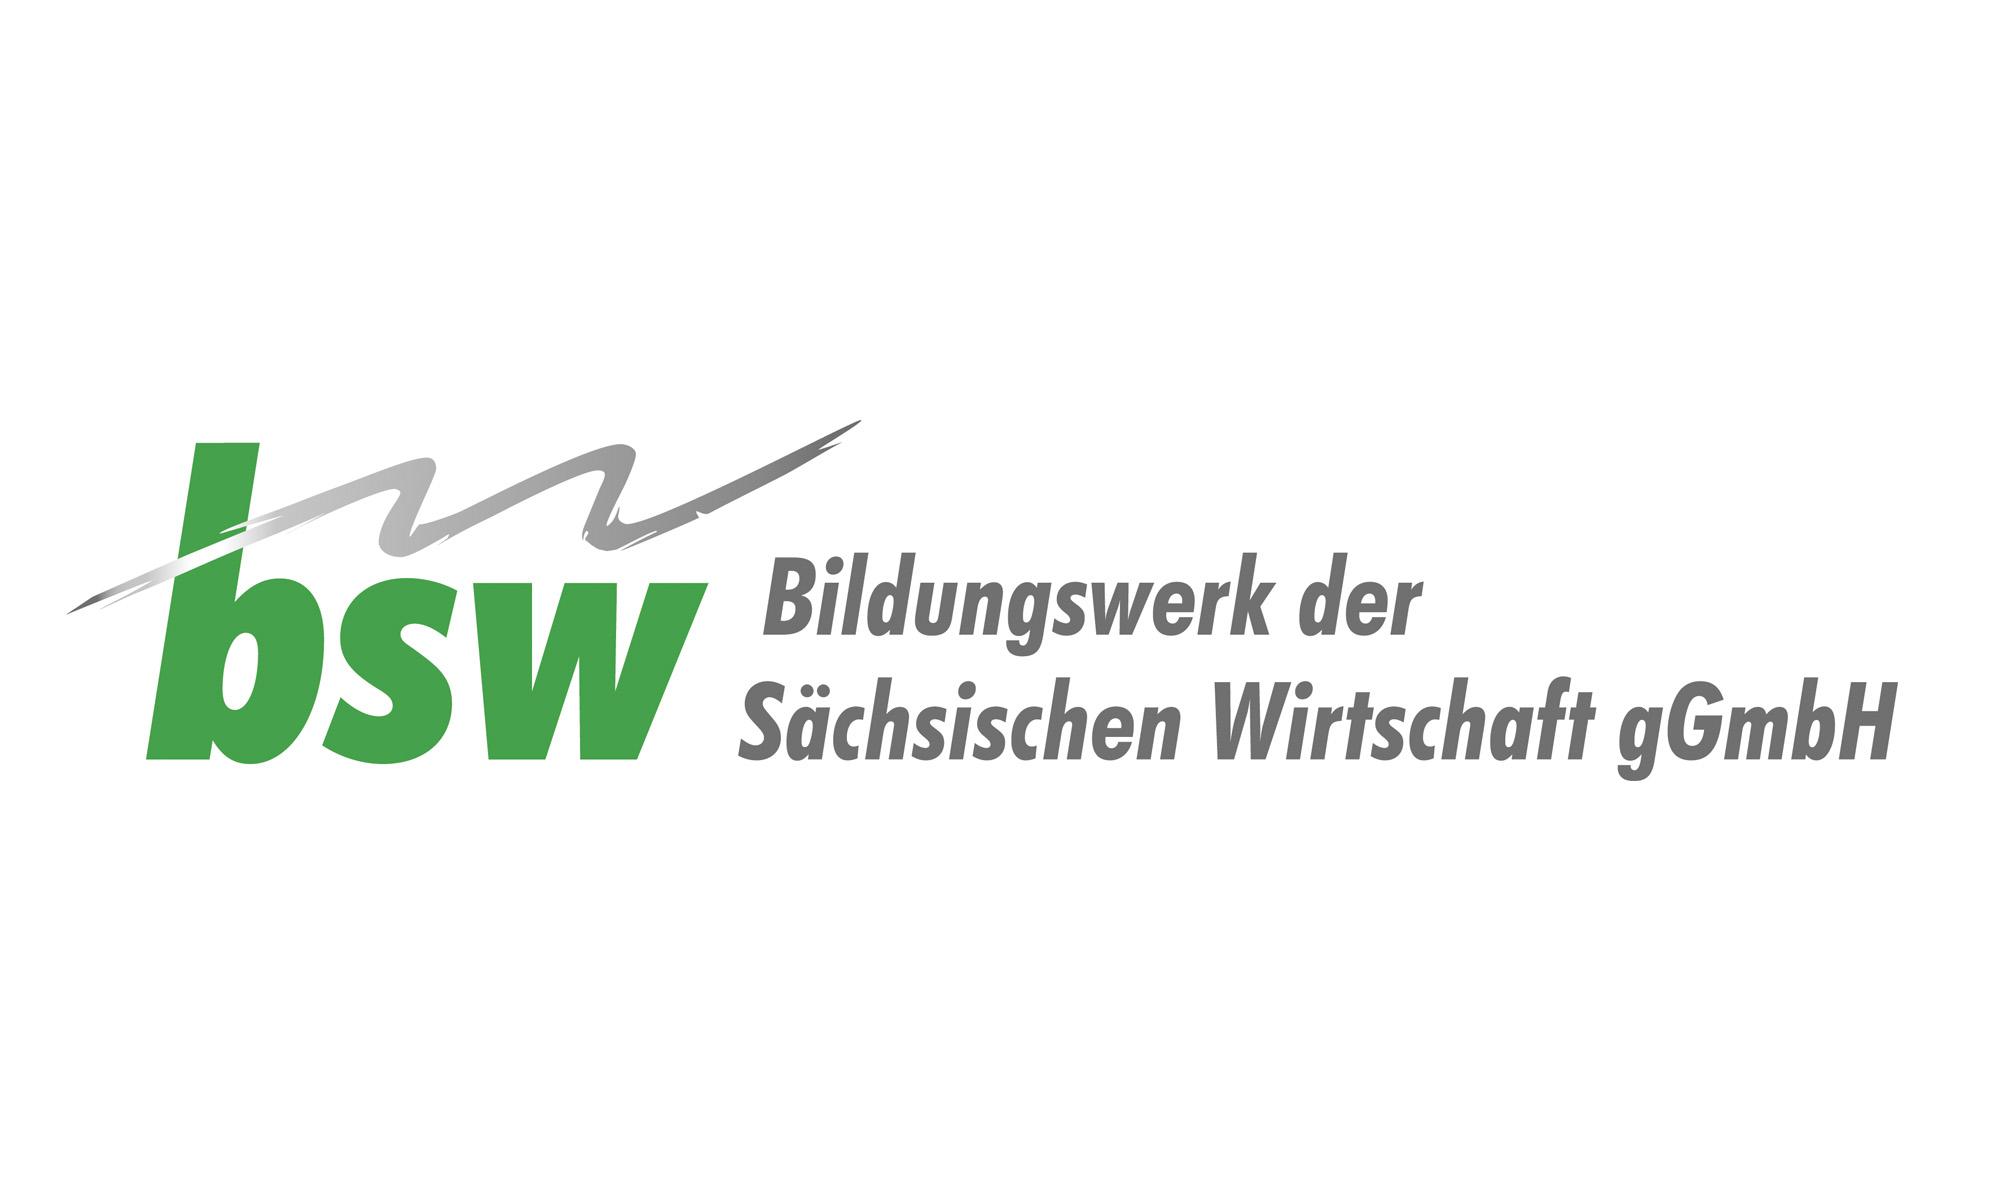 Logo Bildungswerk der Sächsischen Wirtschaft